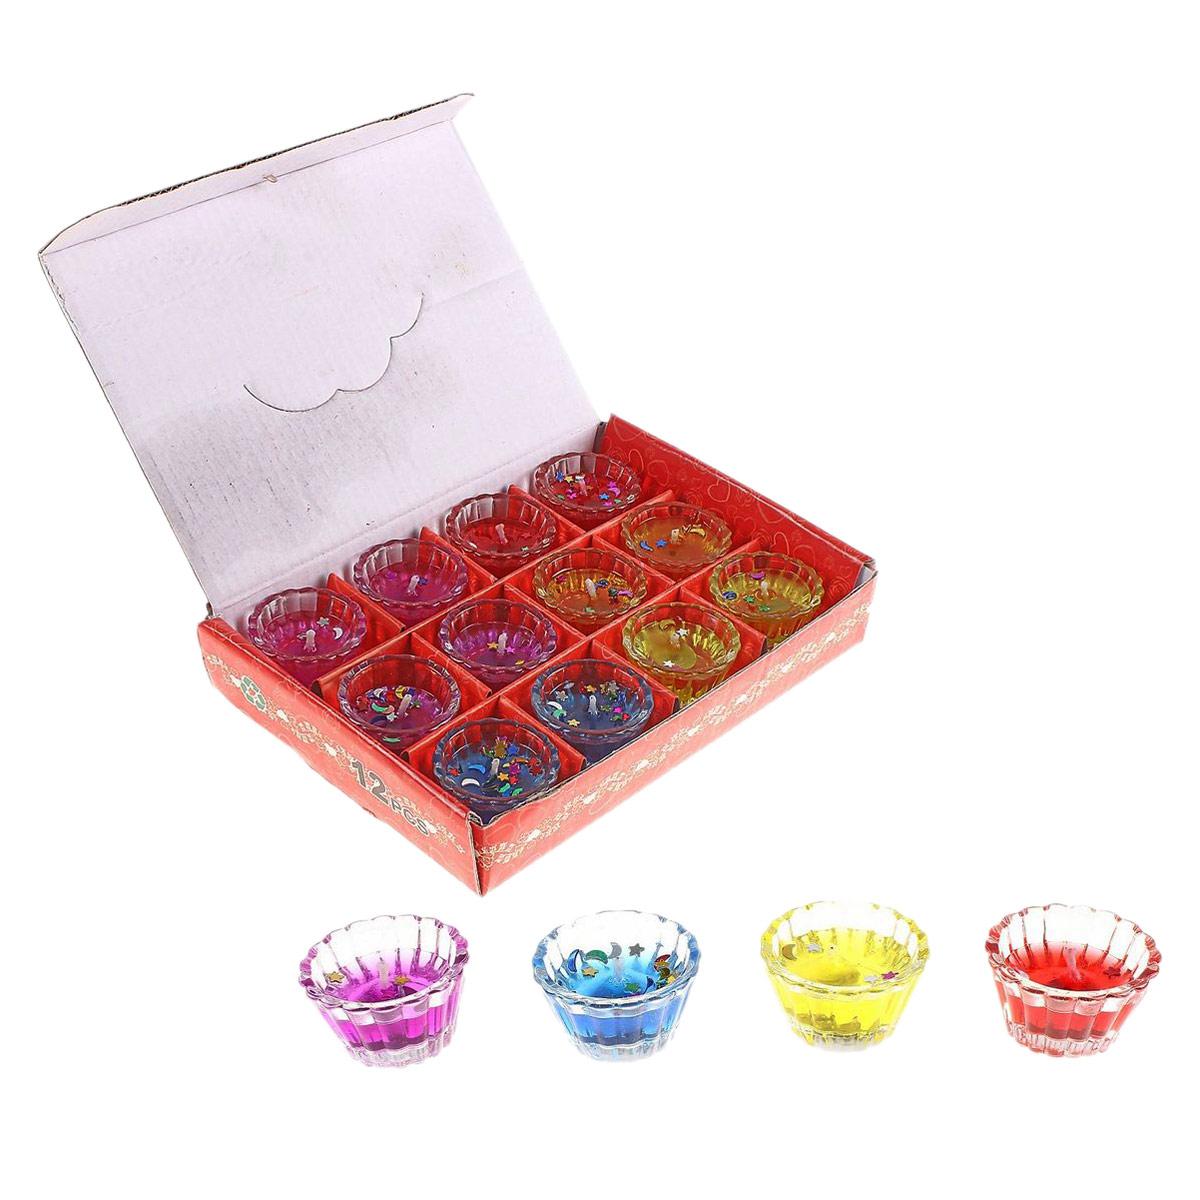 Набор декоративных свечей Sima-land Столбик, 12 шт649108Набор Sima-land Столбик, выполненный из геля, состоит из 12 декоративных свечей.Свечи расположены в небольших стеклянных стаканчиках. Изделия оформлены блестящими звездочками. Такой набор может стать отличным подарком или дополнить интерьер вашей комнаты.